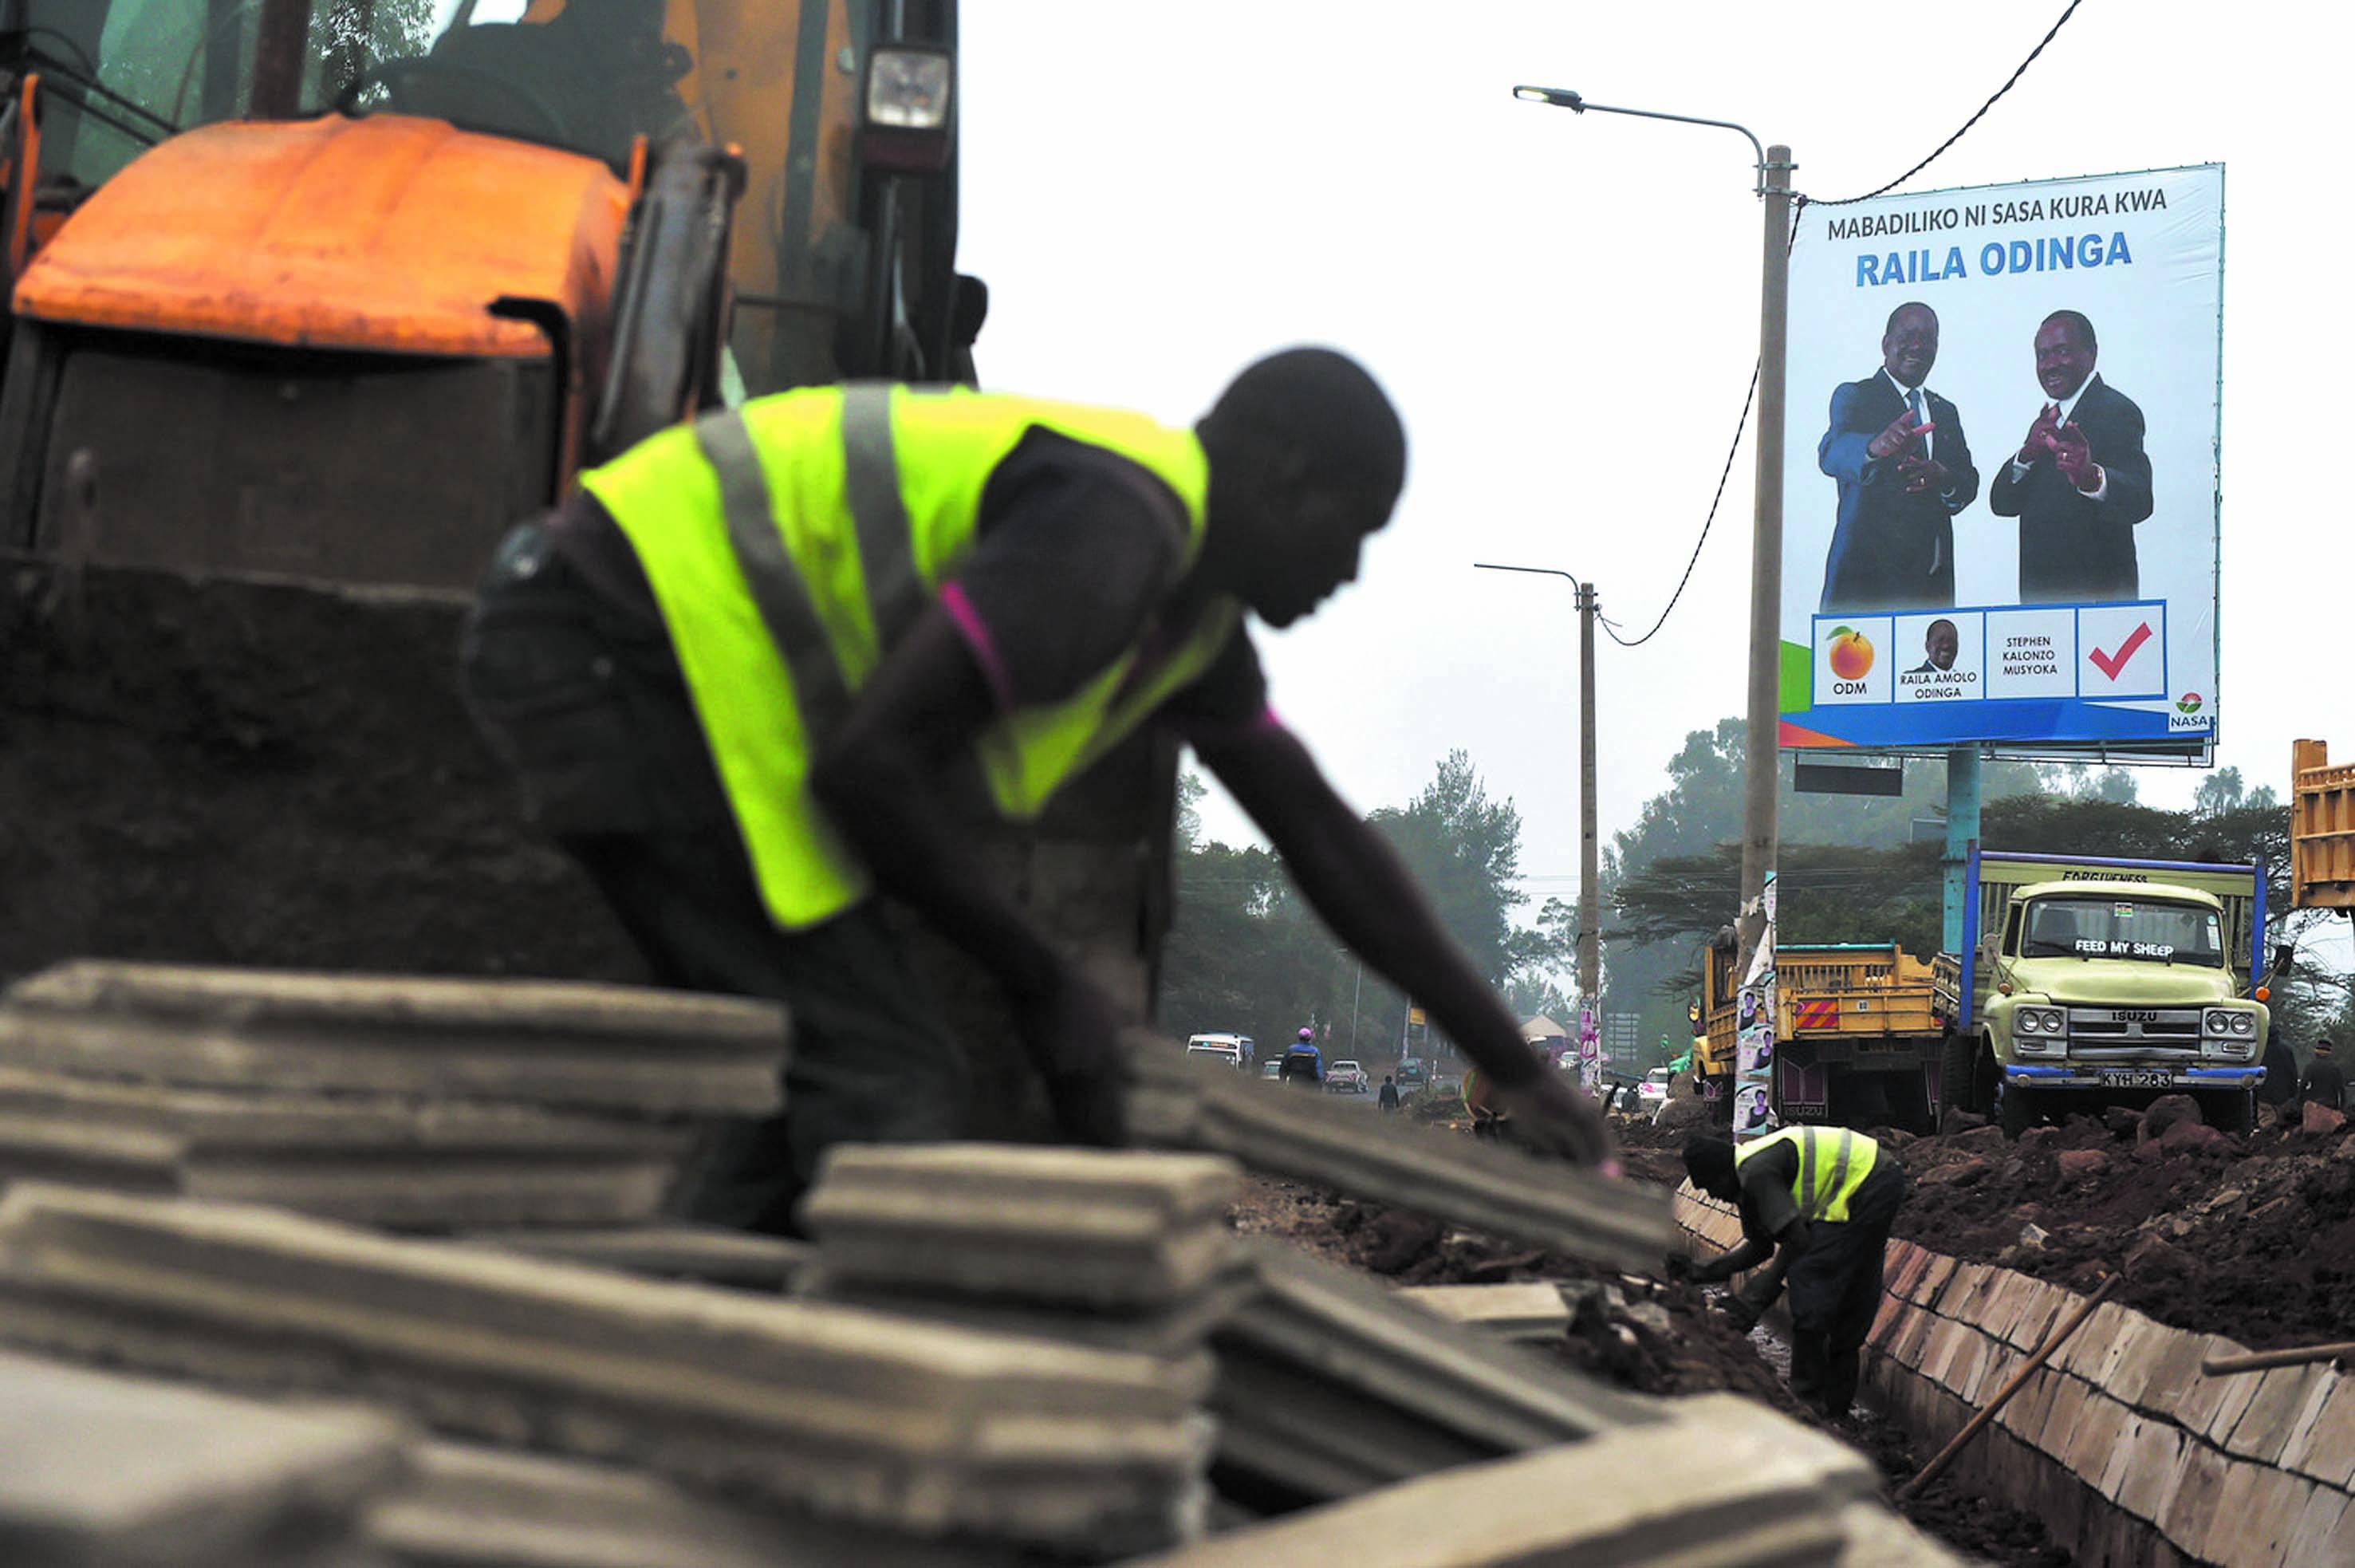 Un Kenya, sous tension, aux urnes mardi